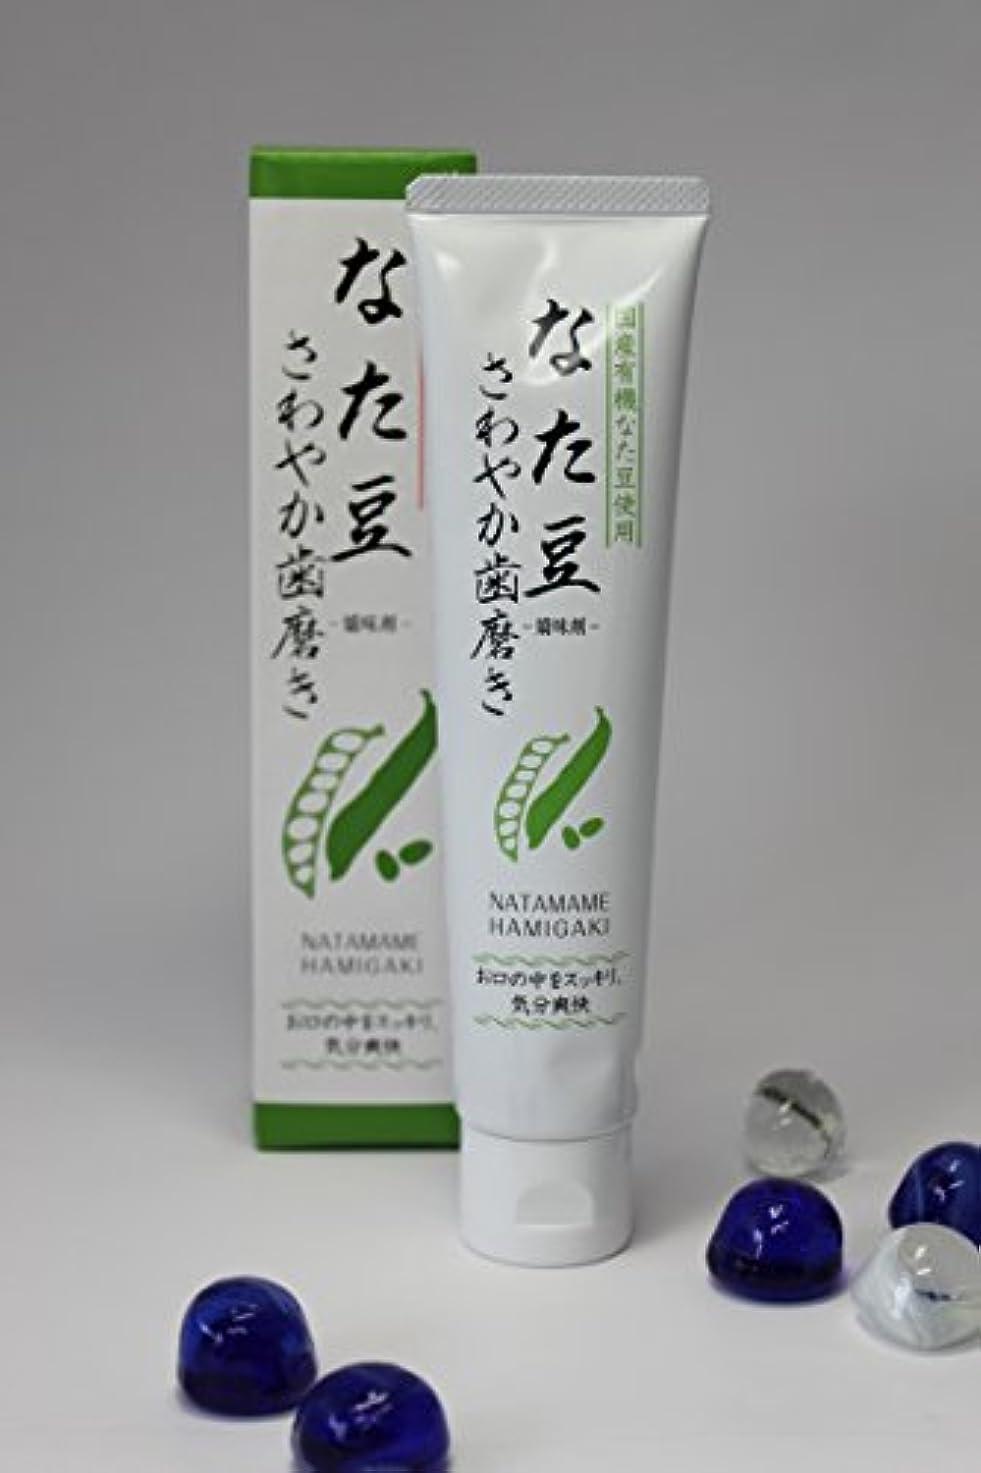 あらゆる種類の留め金こしょうアスカ(大阪) なた豆さわやか歯磨き 120g